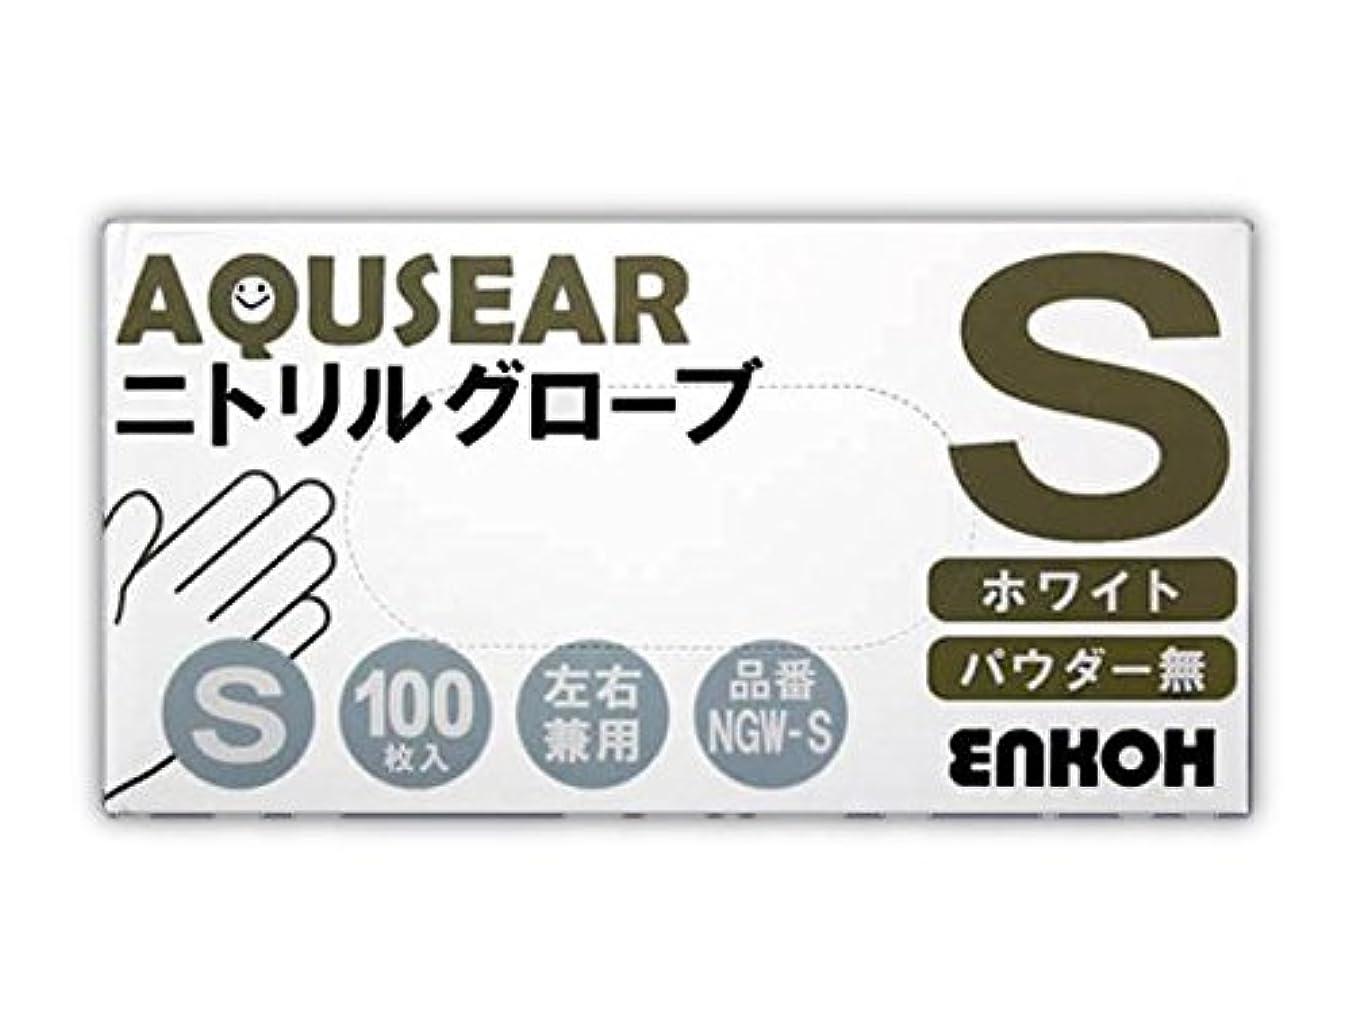 放棄する柔らかさ鉛AQUSEAR ニトリルグローブ パウダー無 S ホワイト NGW-S 1ケース2,000枚(100枚箱入×20箱)